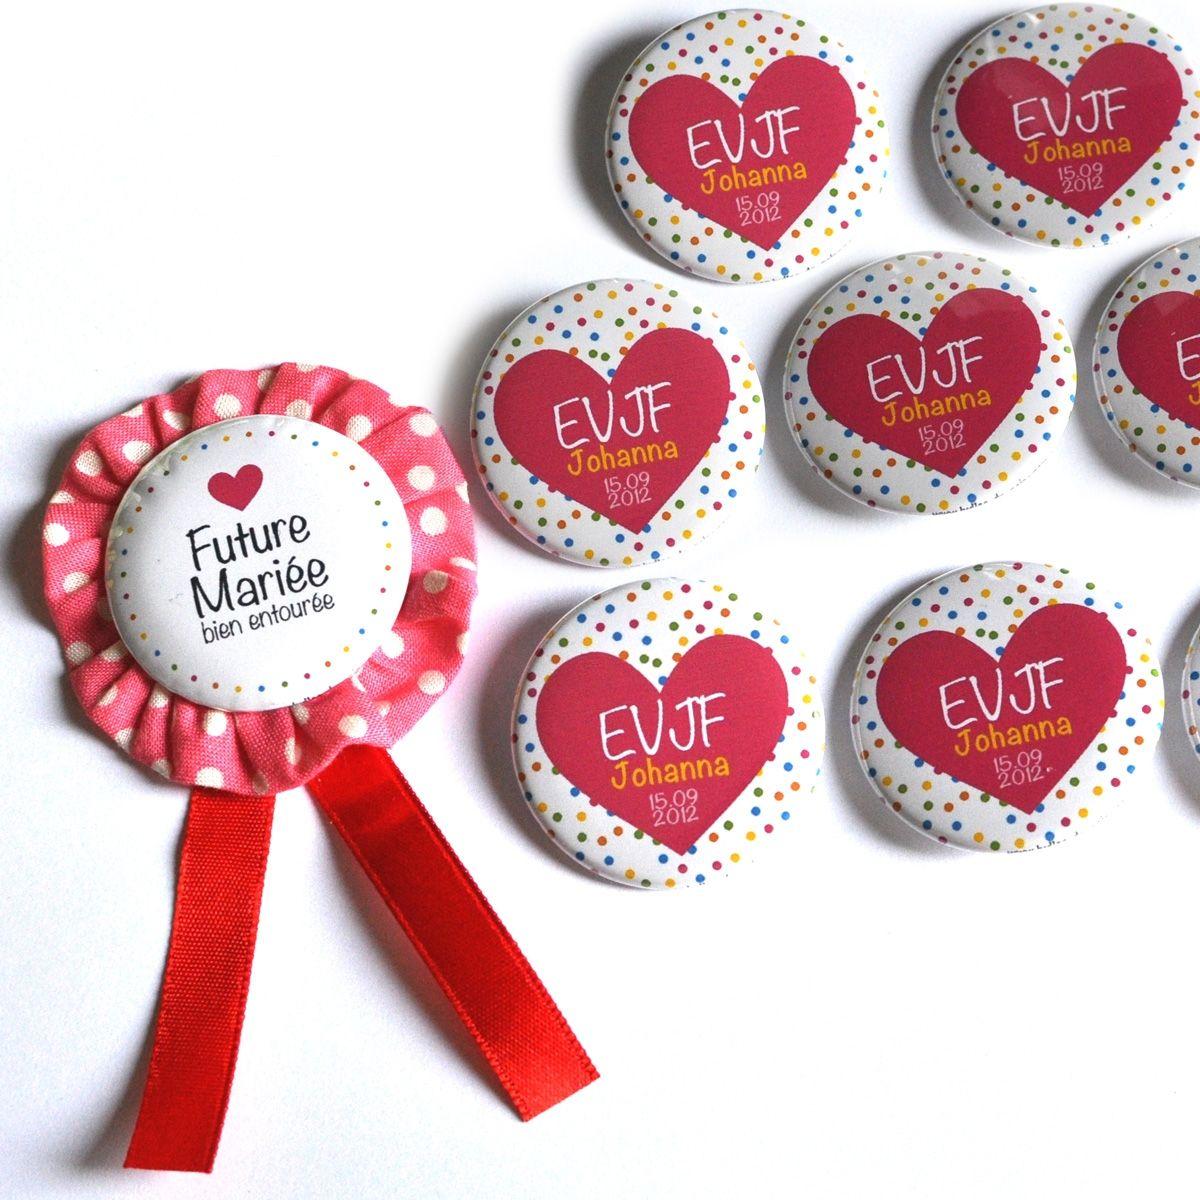 les 25 meilleures id es de la cat gorie badge evjf sur pinterest badges de mariage diy badge. Black Bedroom Furniture Sets. Home Design Ideas